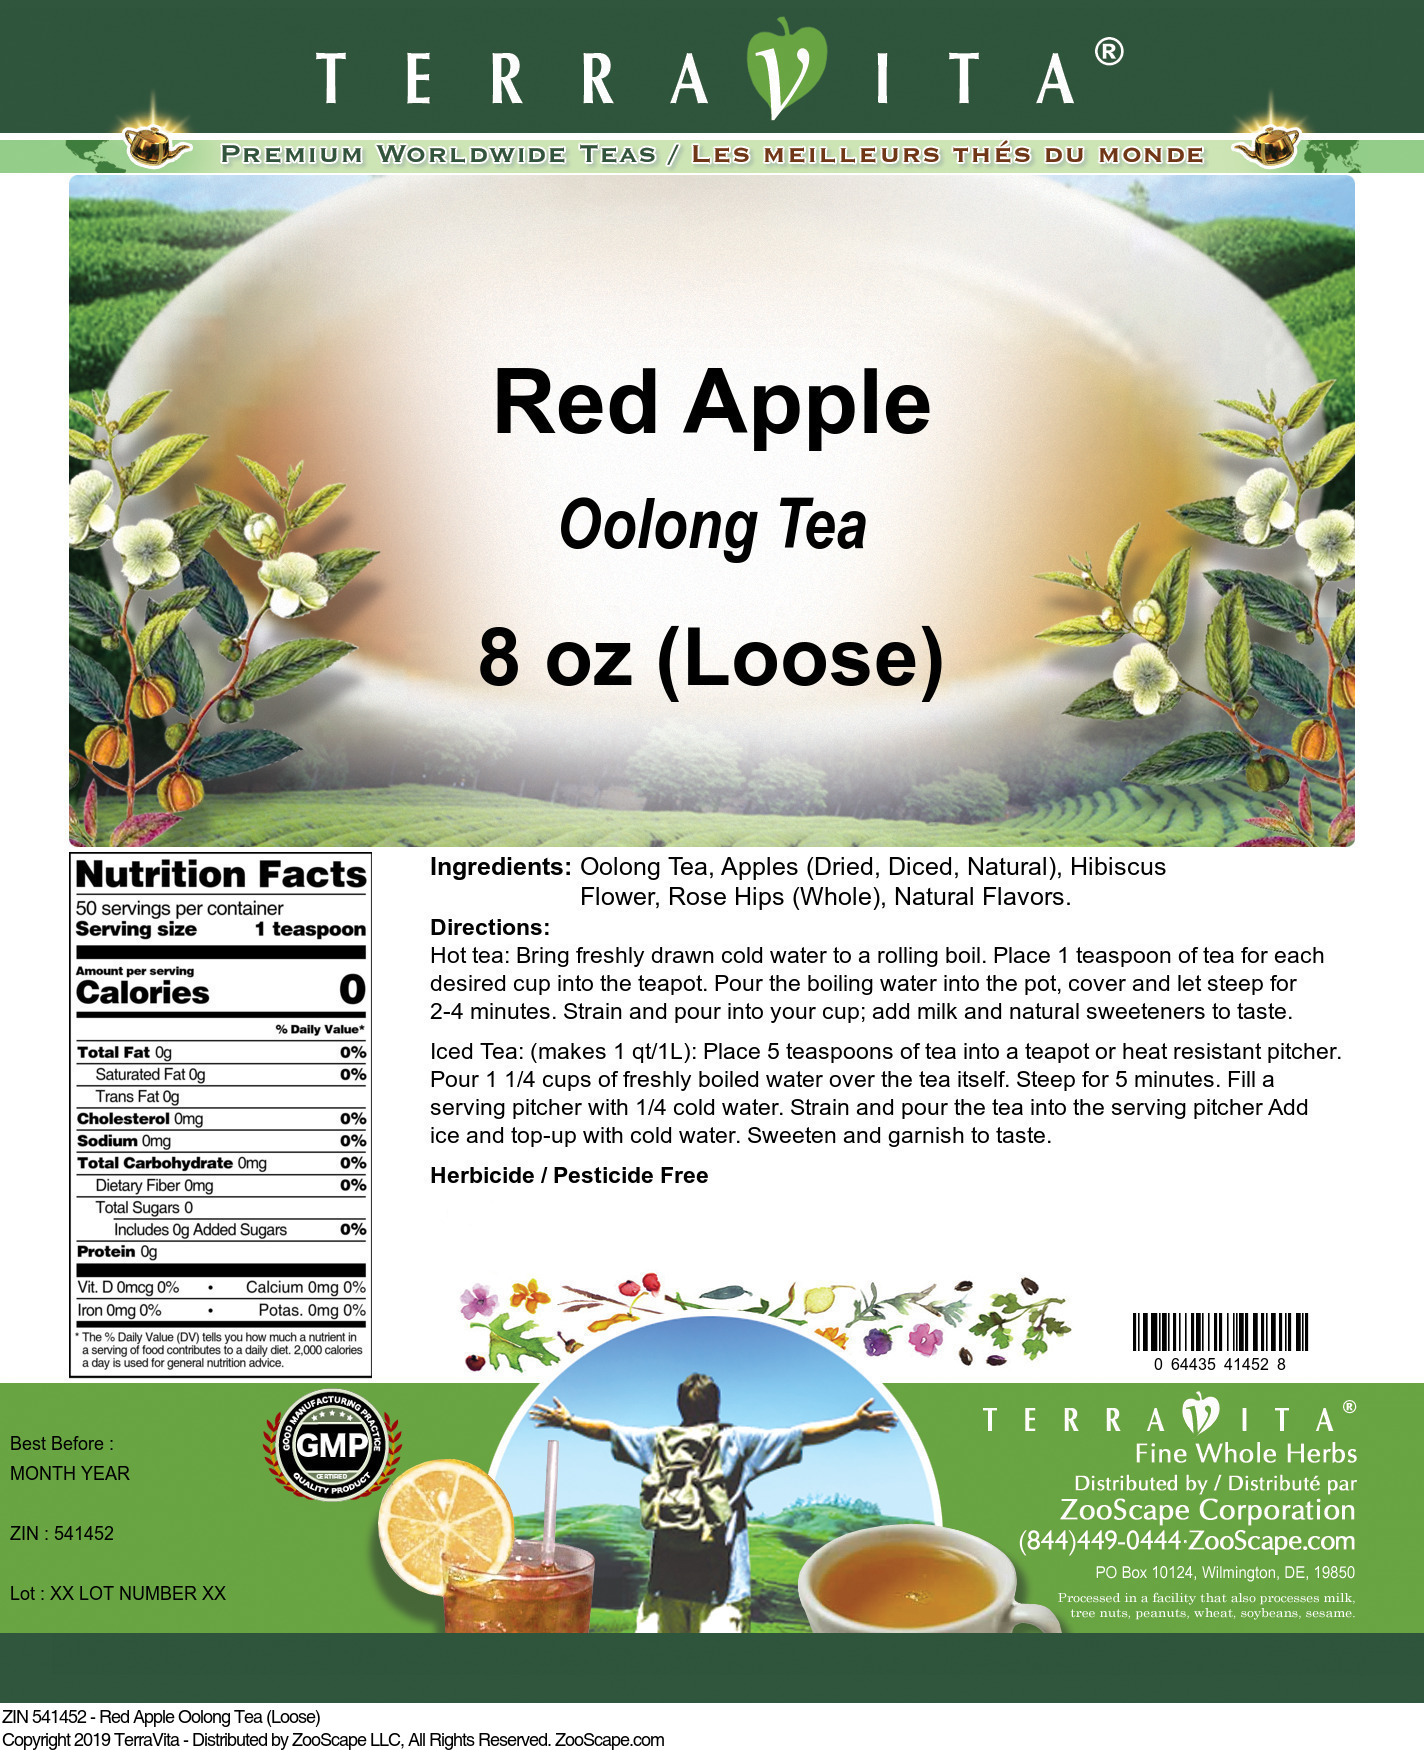 Red Apple Oolong Tea (Loose)